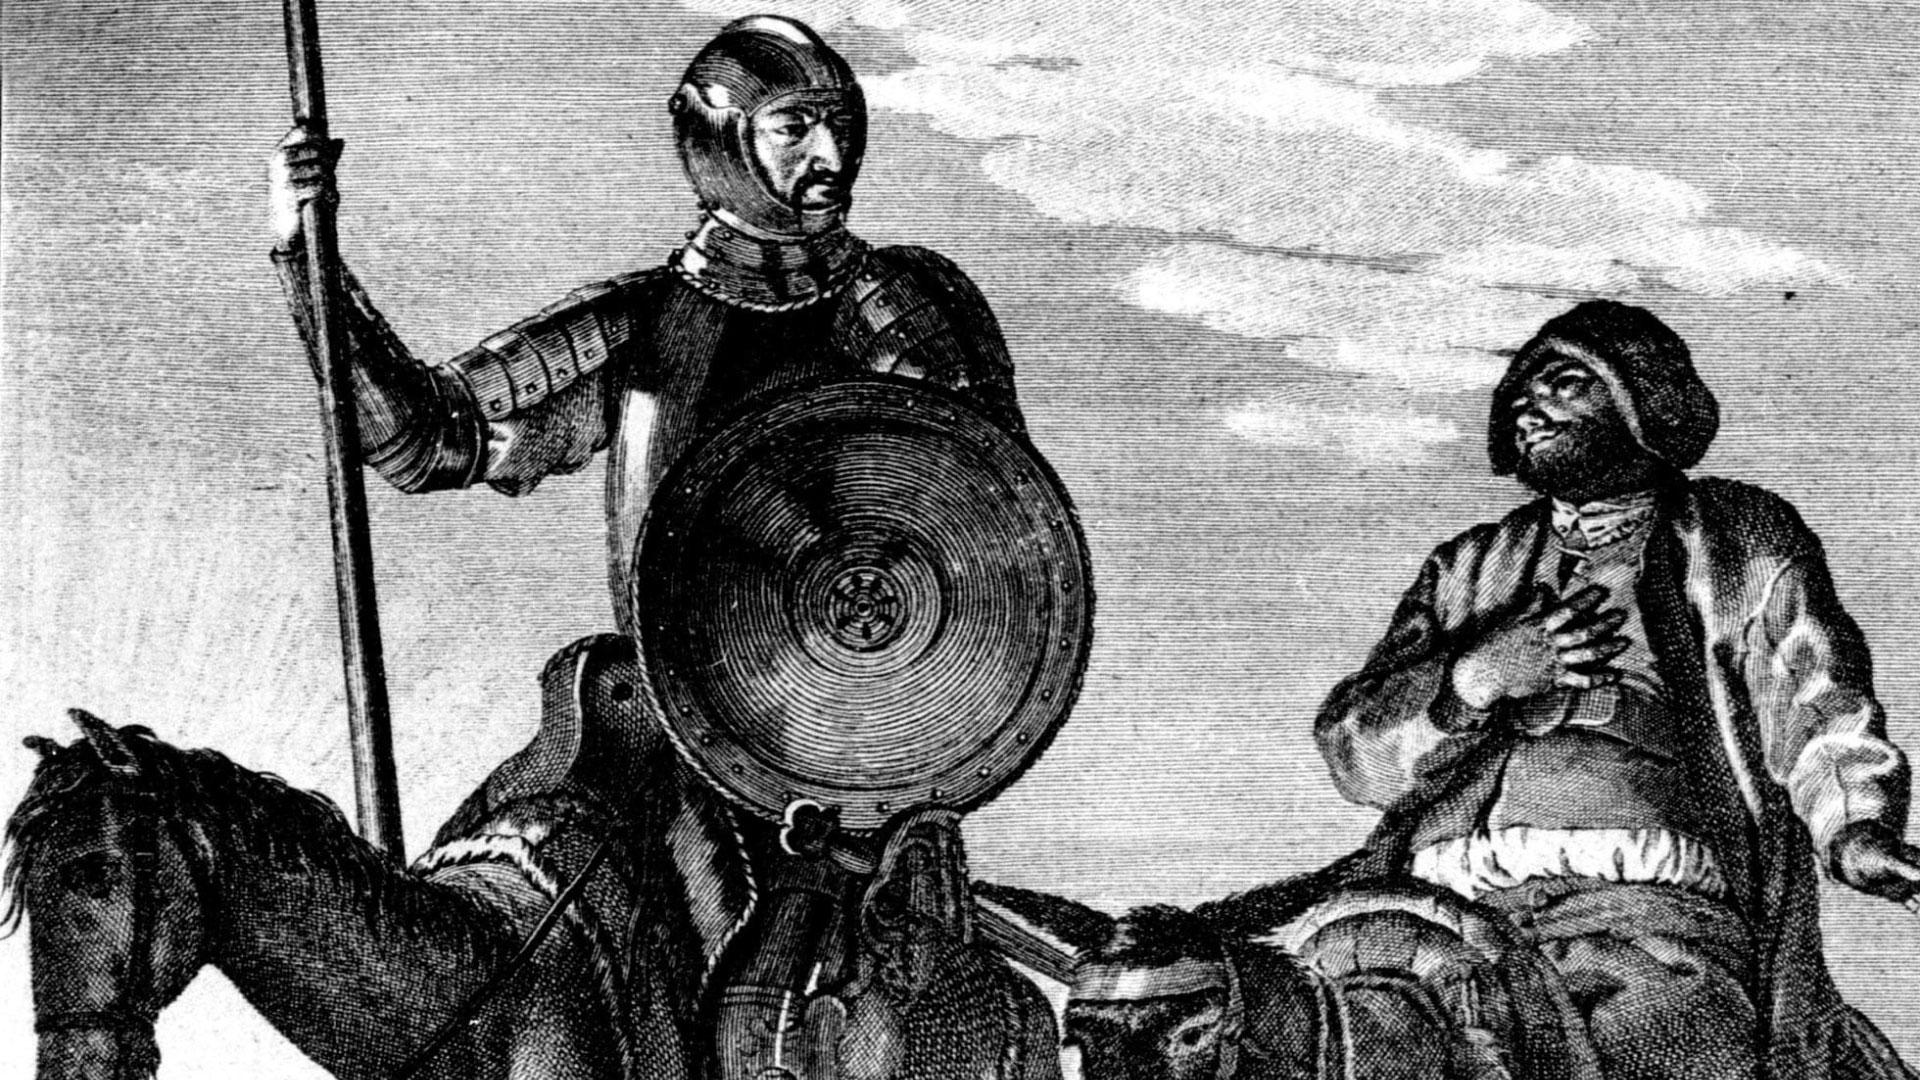 Episode-219-Immortal-Books-Don-Quixote-by-Cervantes